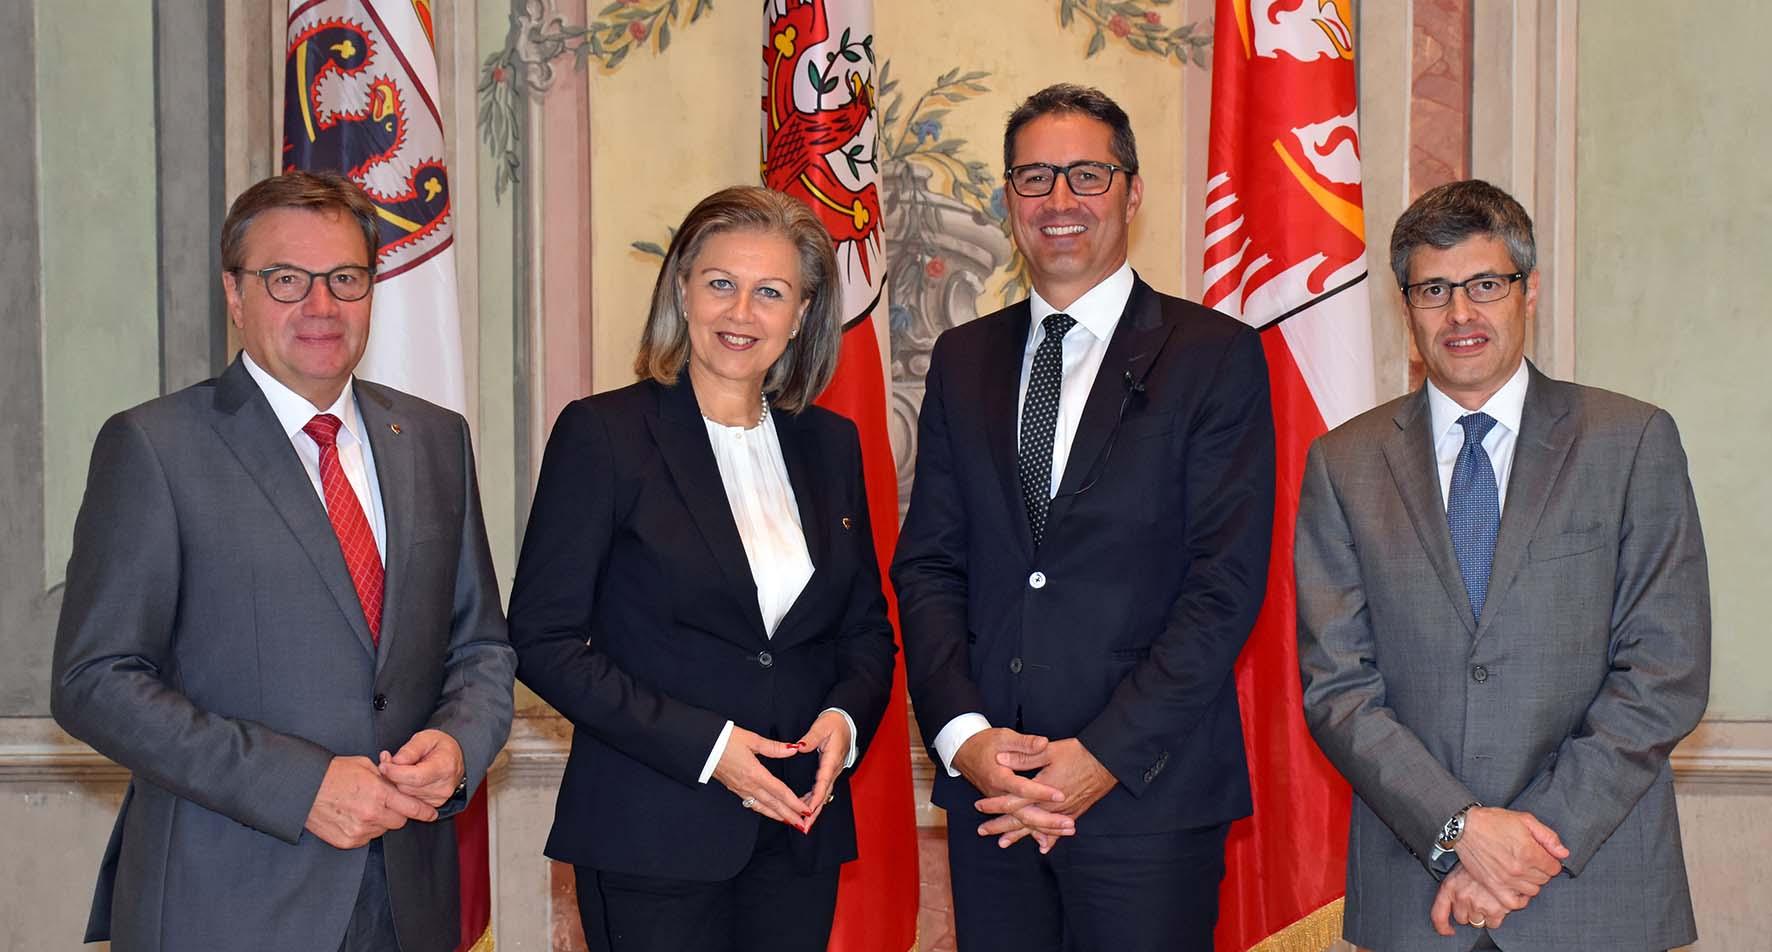 governatore tirolese Günther Platter lassessora Patrizia Zoller Frischauf il presidente Arno Kompatscher e Paolo Nicoletti direttore generale della Provincia di Trento